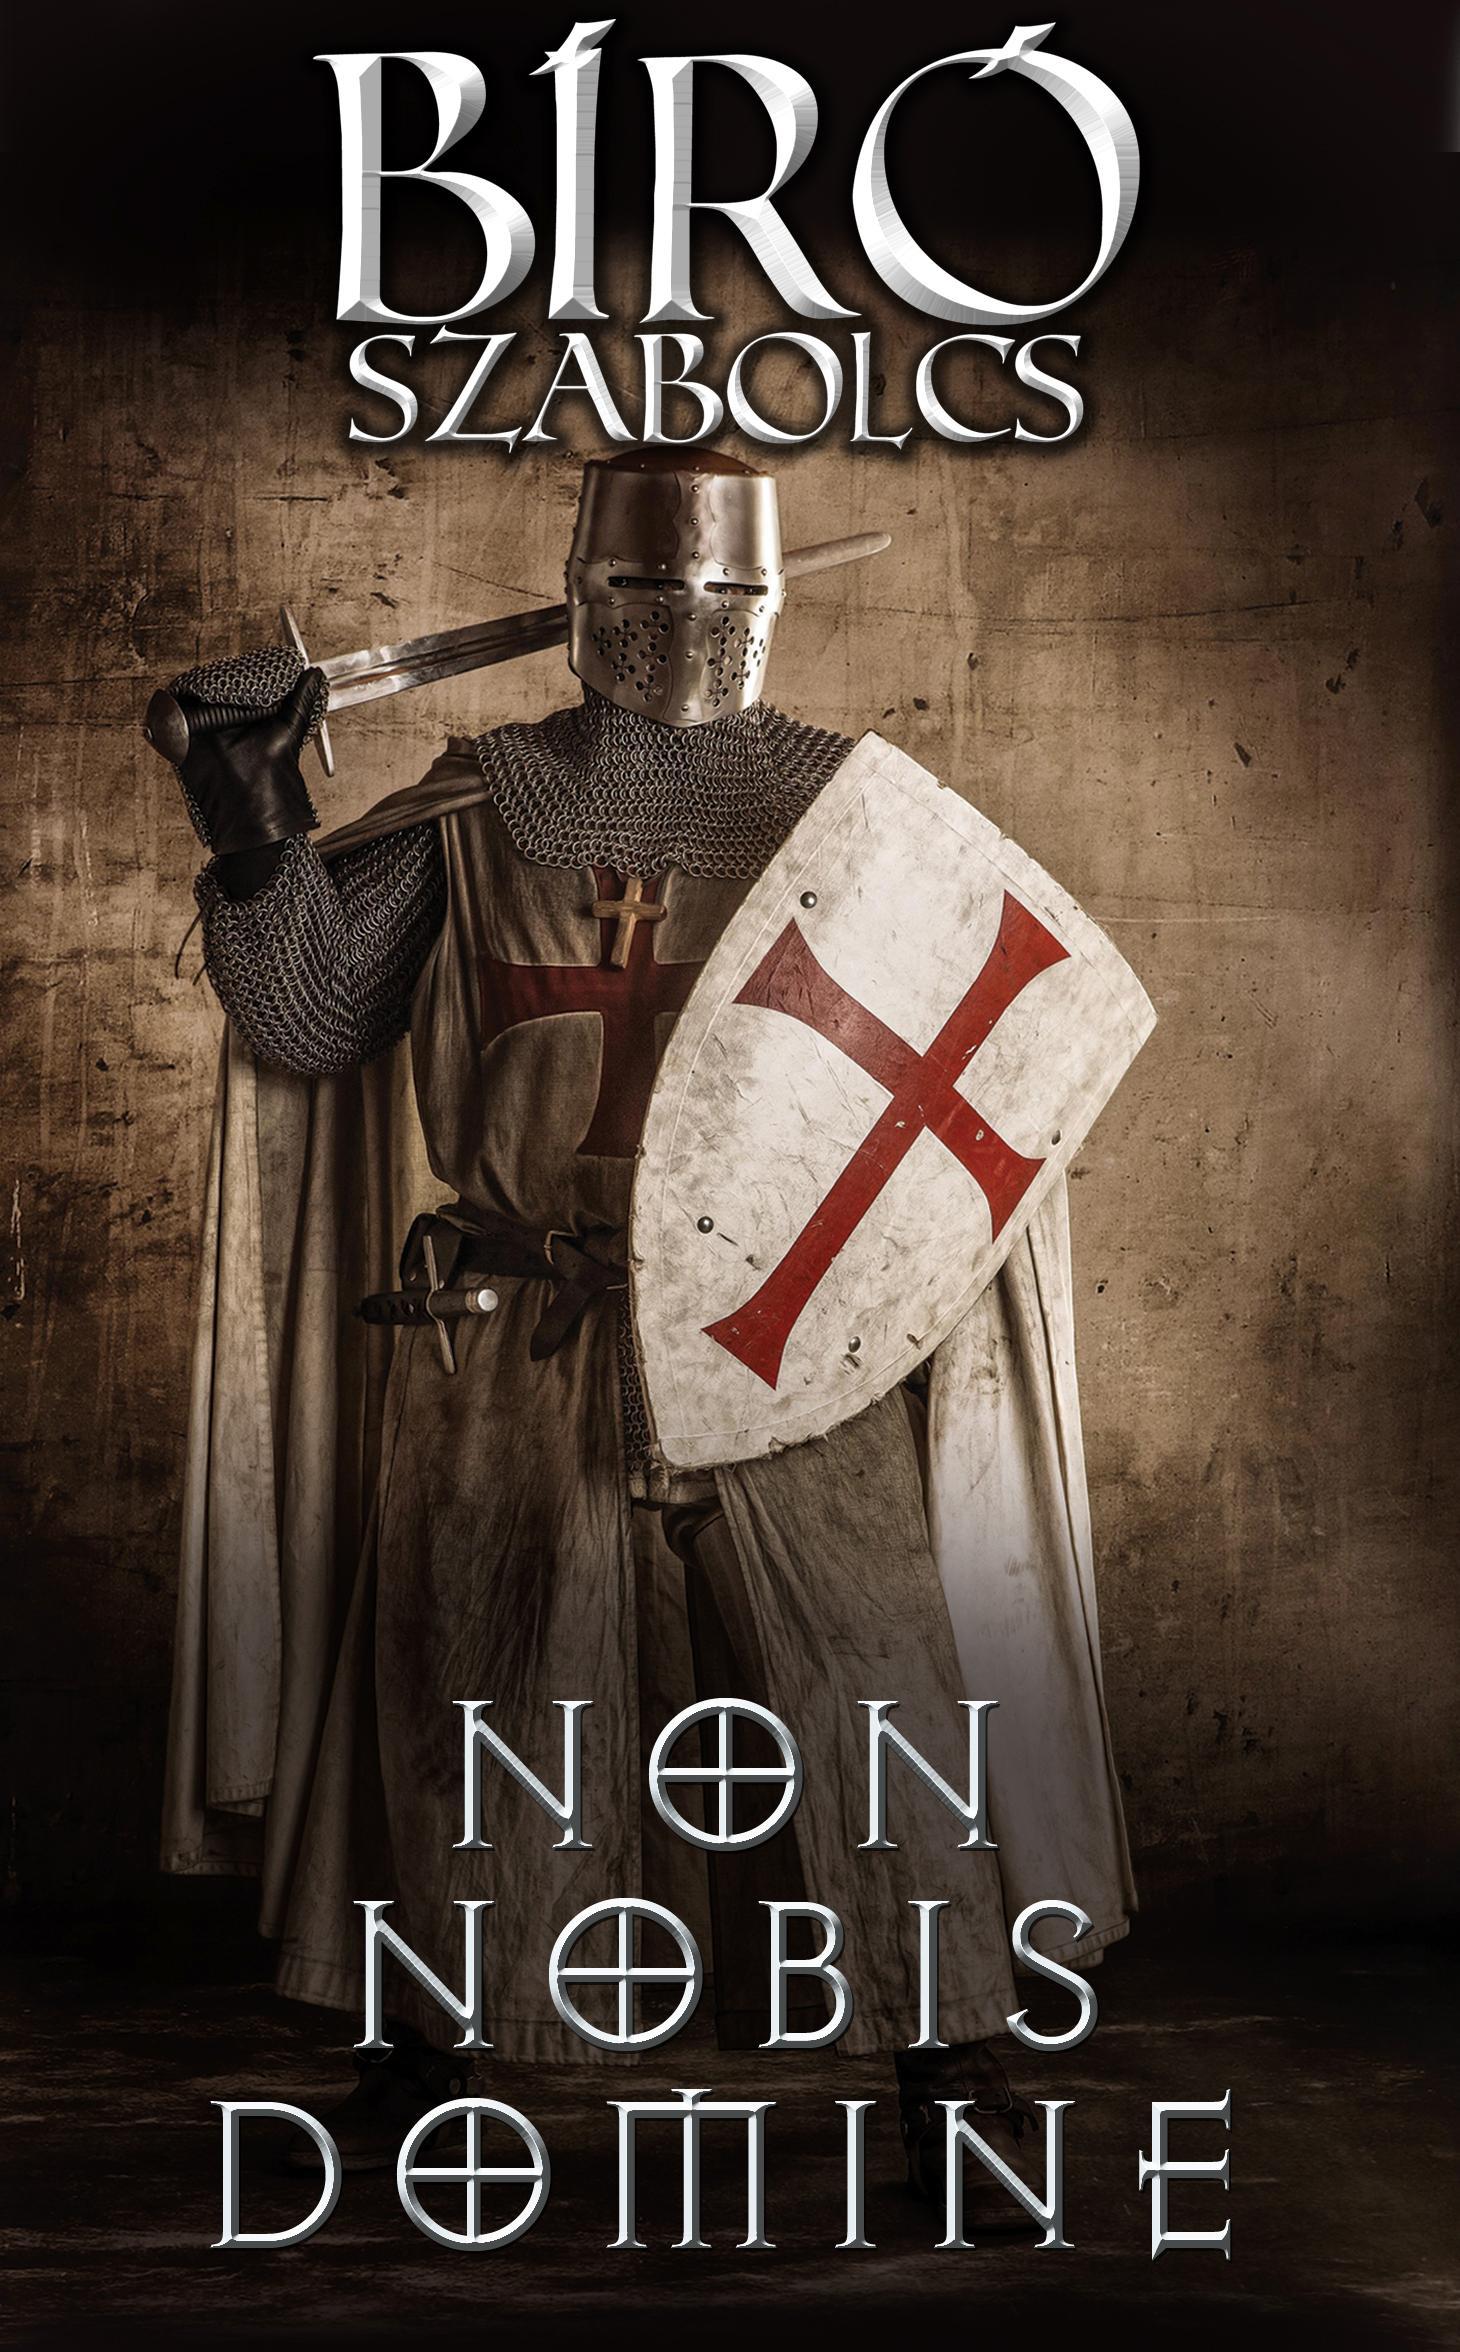 Bíró Szabolcs: Non nobis Domine